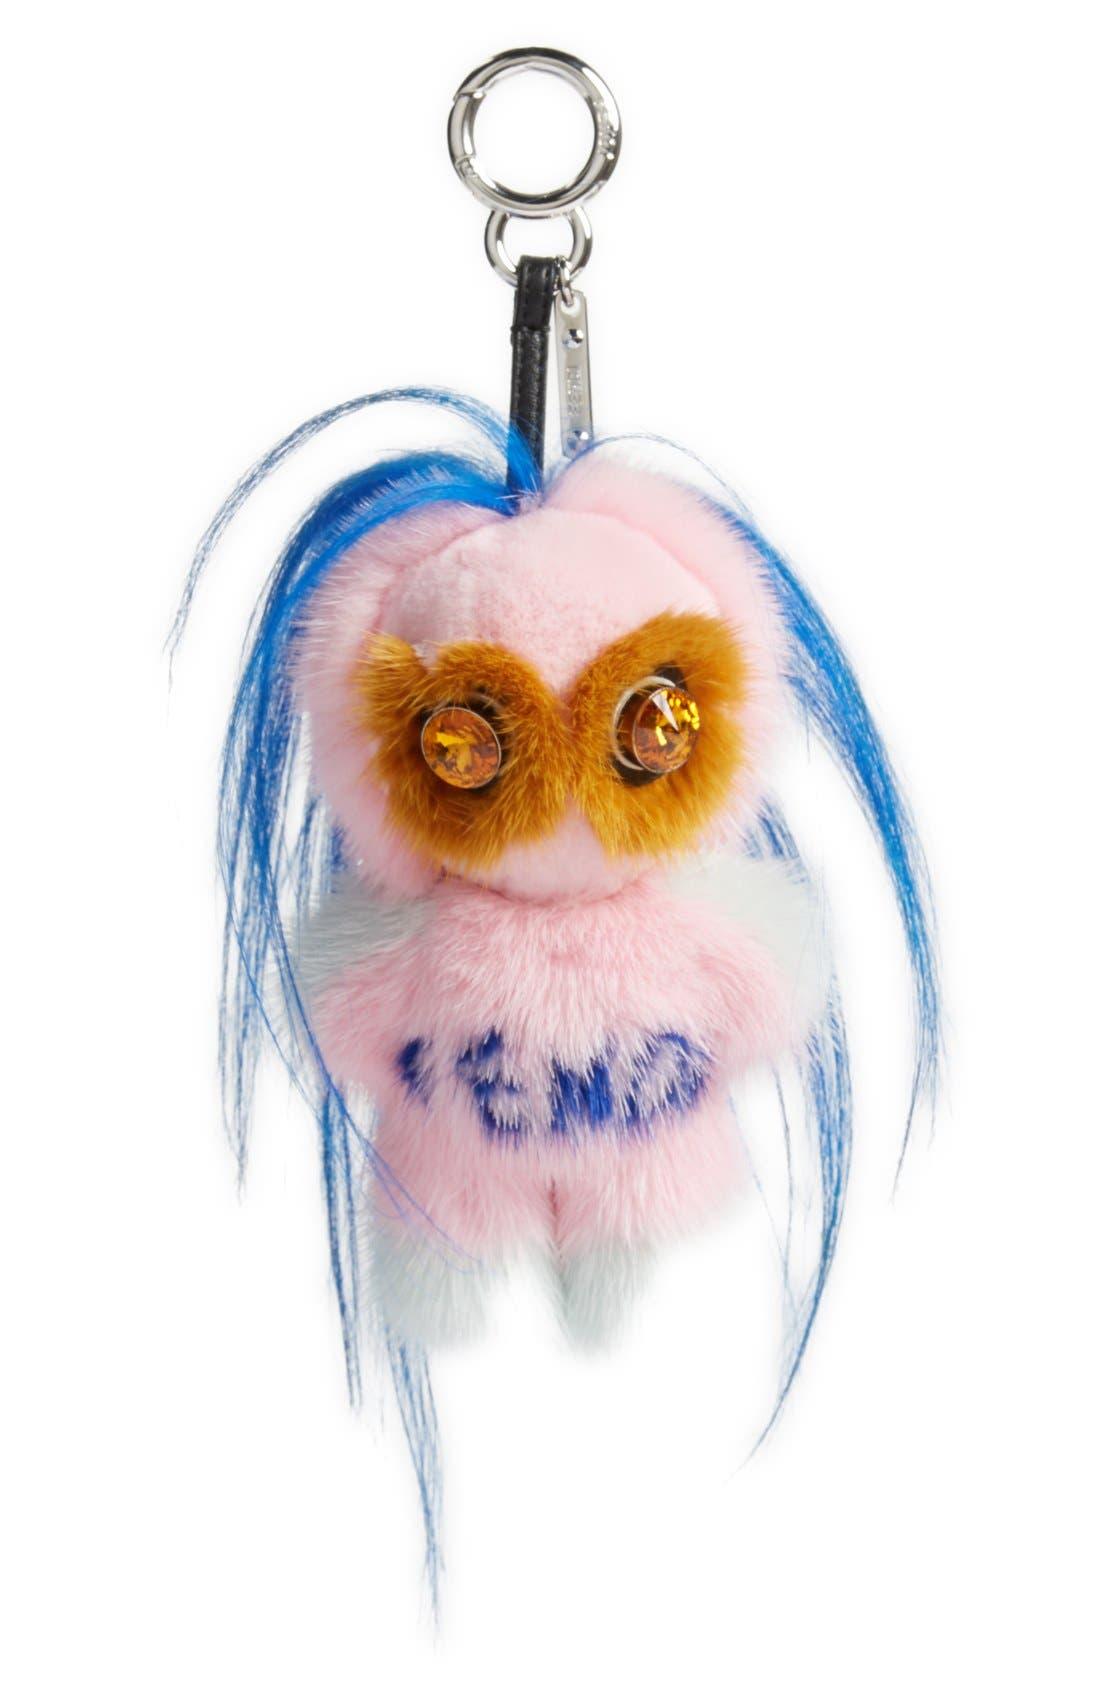 Main Image - Fendi Fendirumi Piro-Chan Genuine Fur Bag Charm